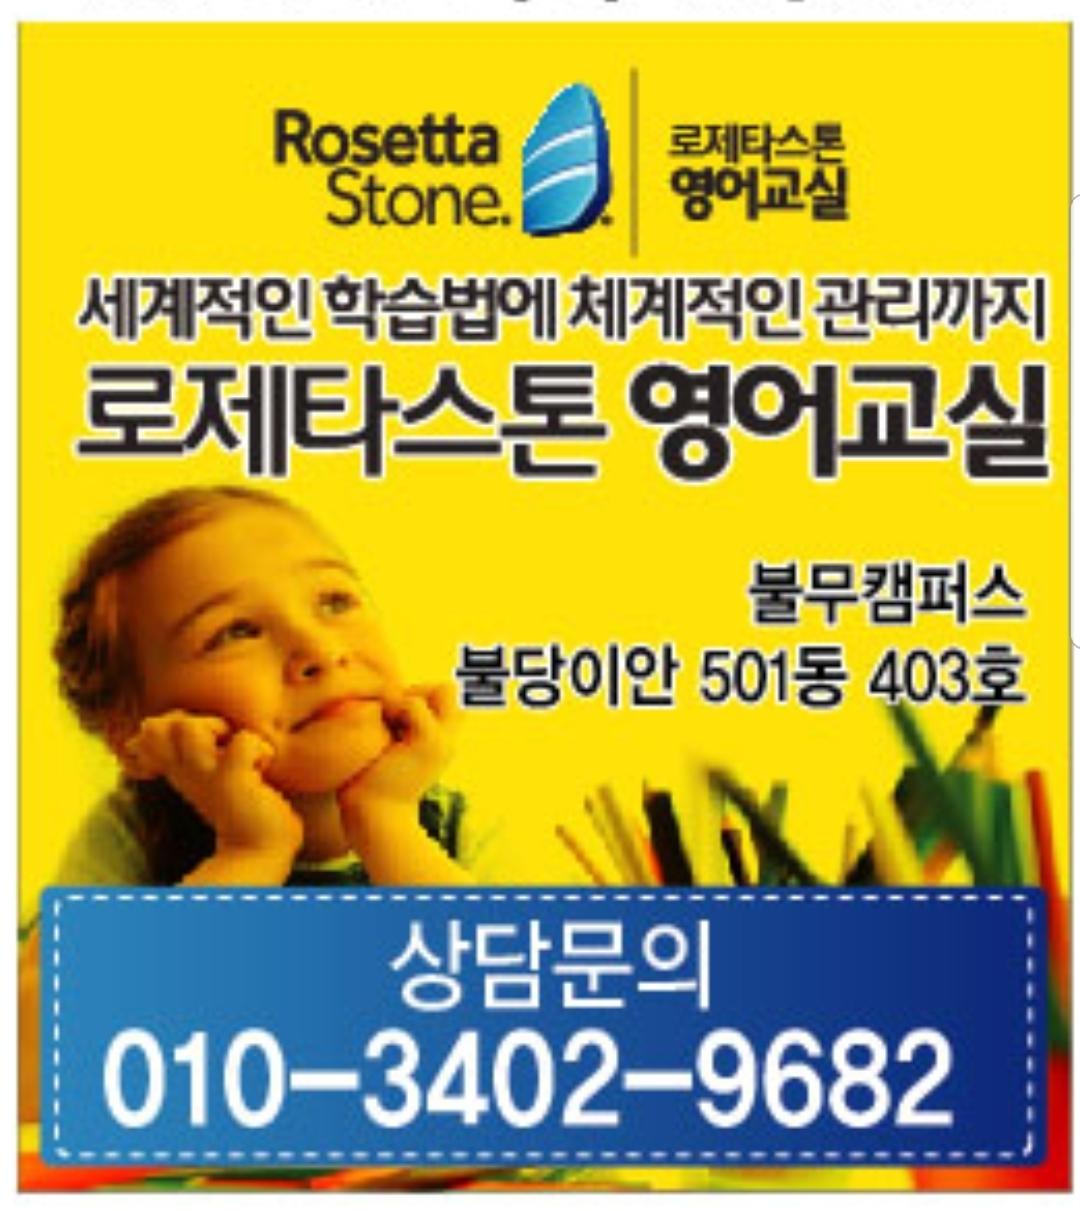 로제타스톤영어교실 불무캠퍼스 불당이안 501동403호